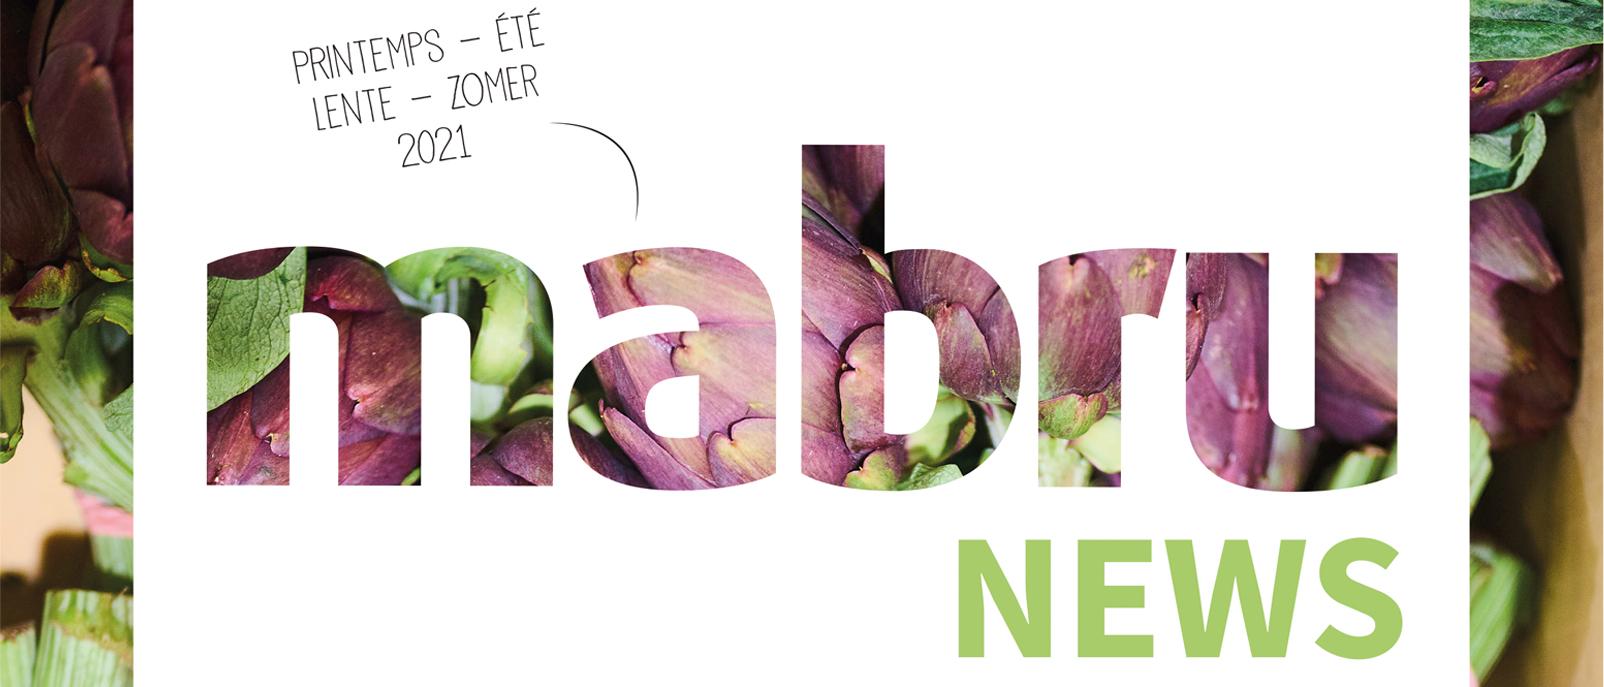 Découvrez le Mabru News Printemps-Été 2021